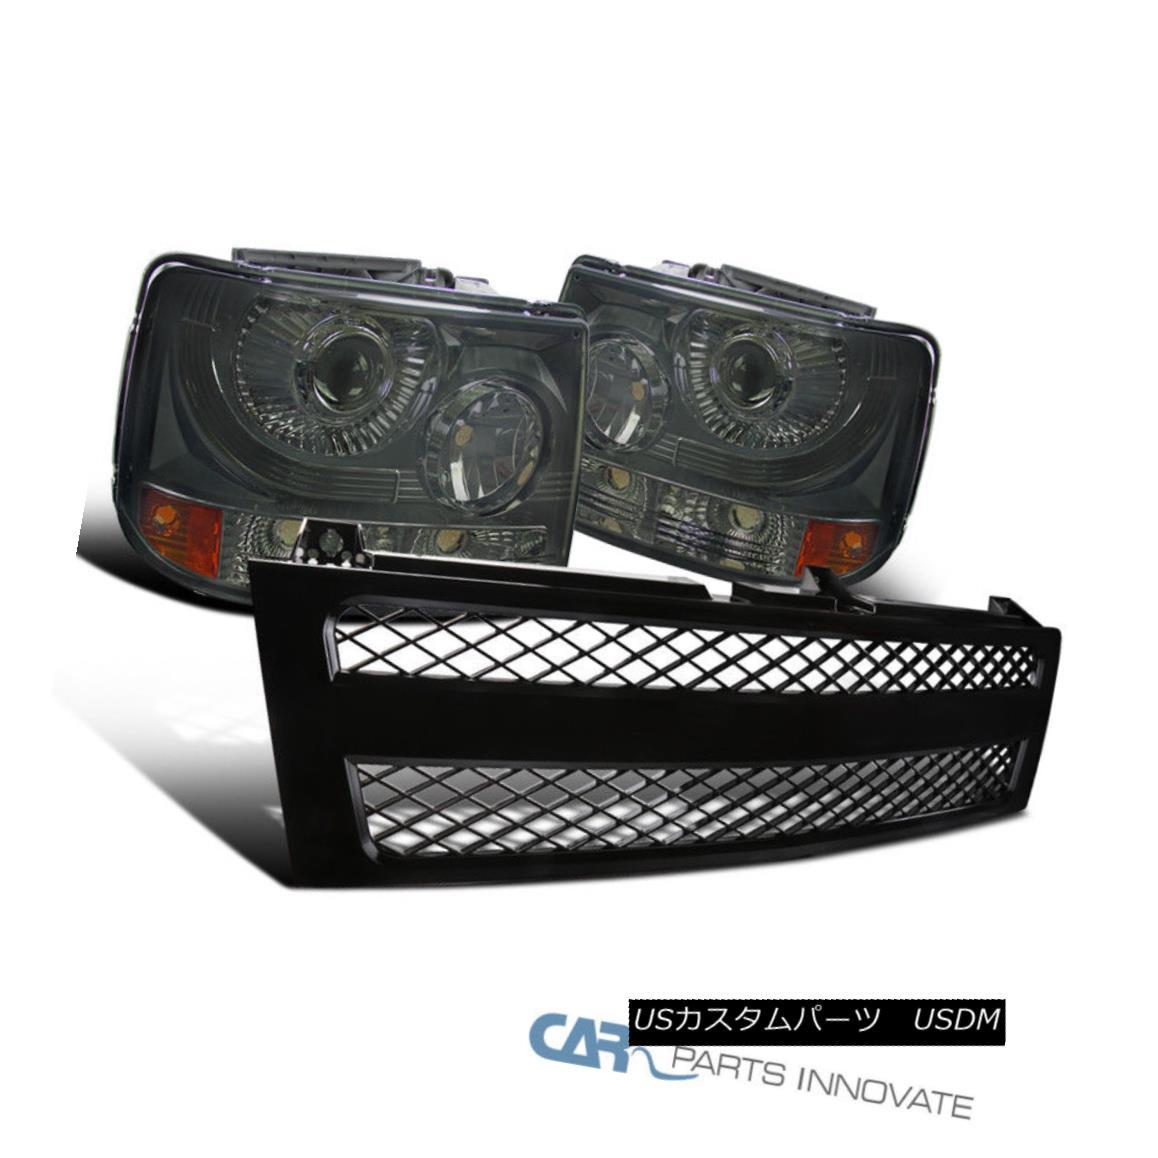 グリル Chevy 99-02 Silverado 2in1 Smoke Projector Headlights+Black Mesh Hood Grille Chevy 99-02 Silverado 2in1煙プロジェクターヘッドライト+ Bla ckメッシュフードグリル